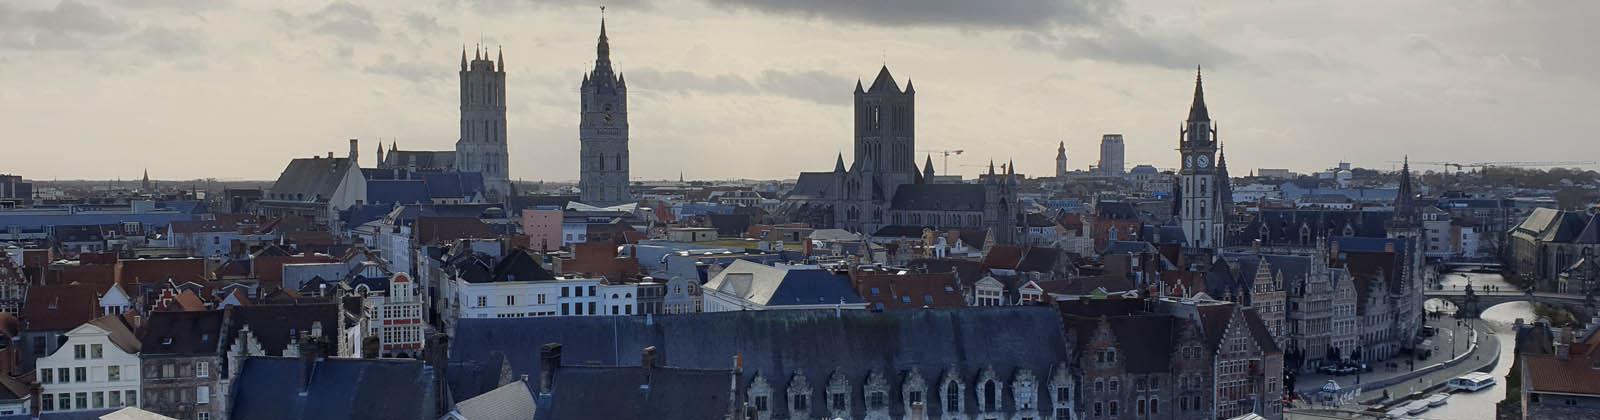 DMC-Ghent-travel-agency